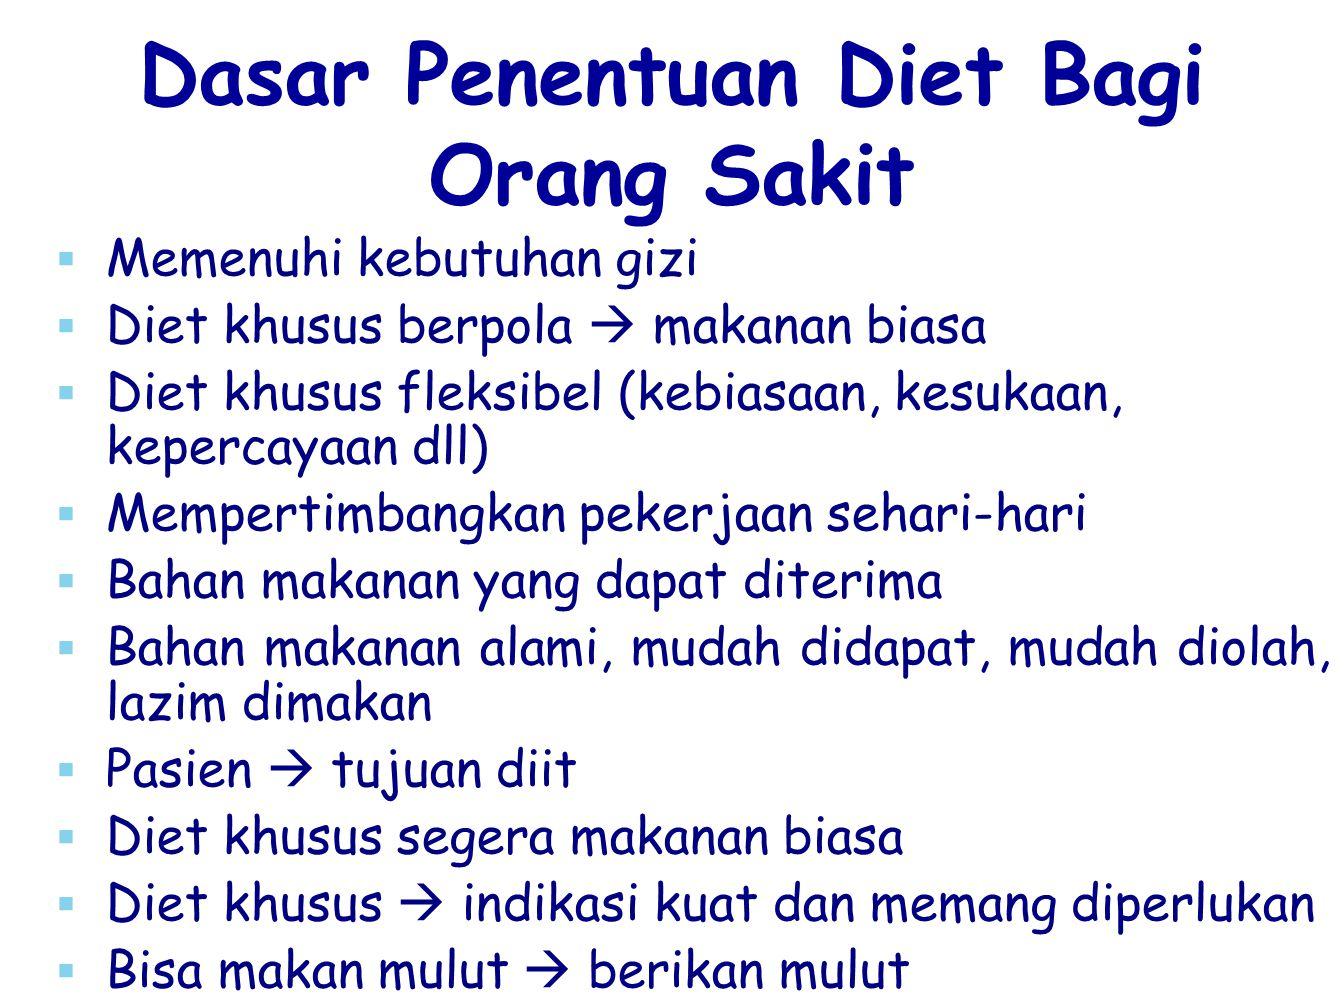 Dasar Penentuan Diet Bagi Orang Sakit